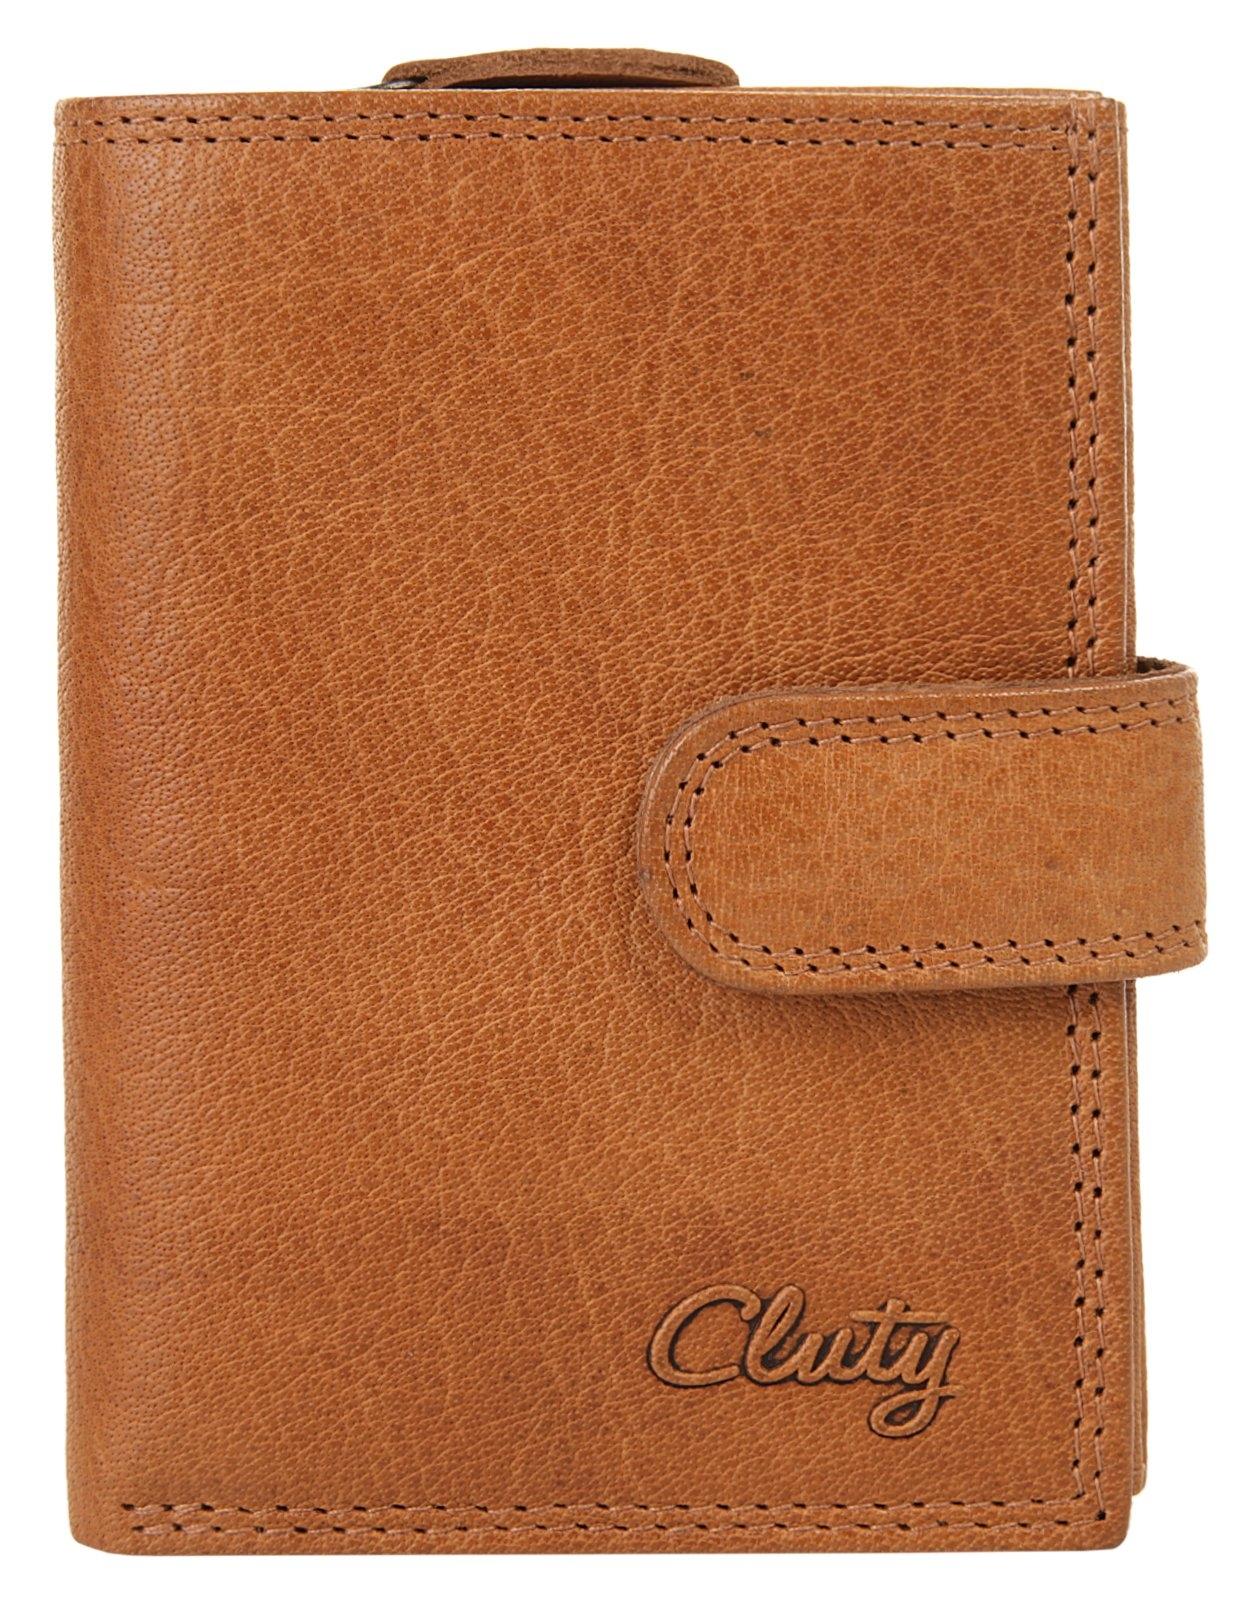 Cluty portemonnee goedkoop op otto.nl kopen